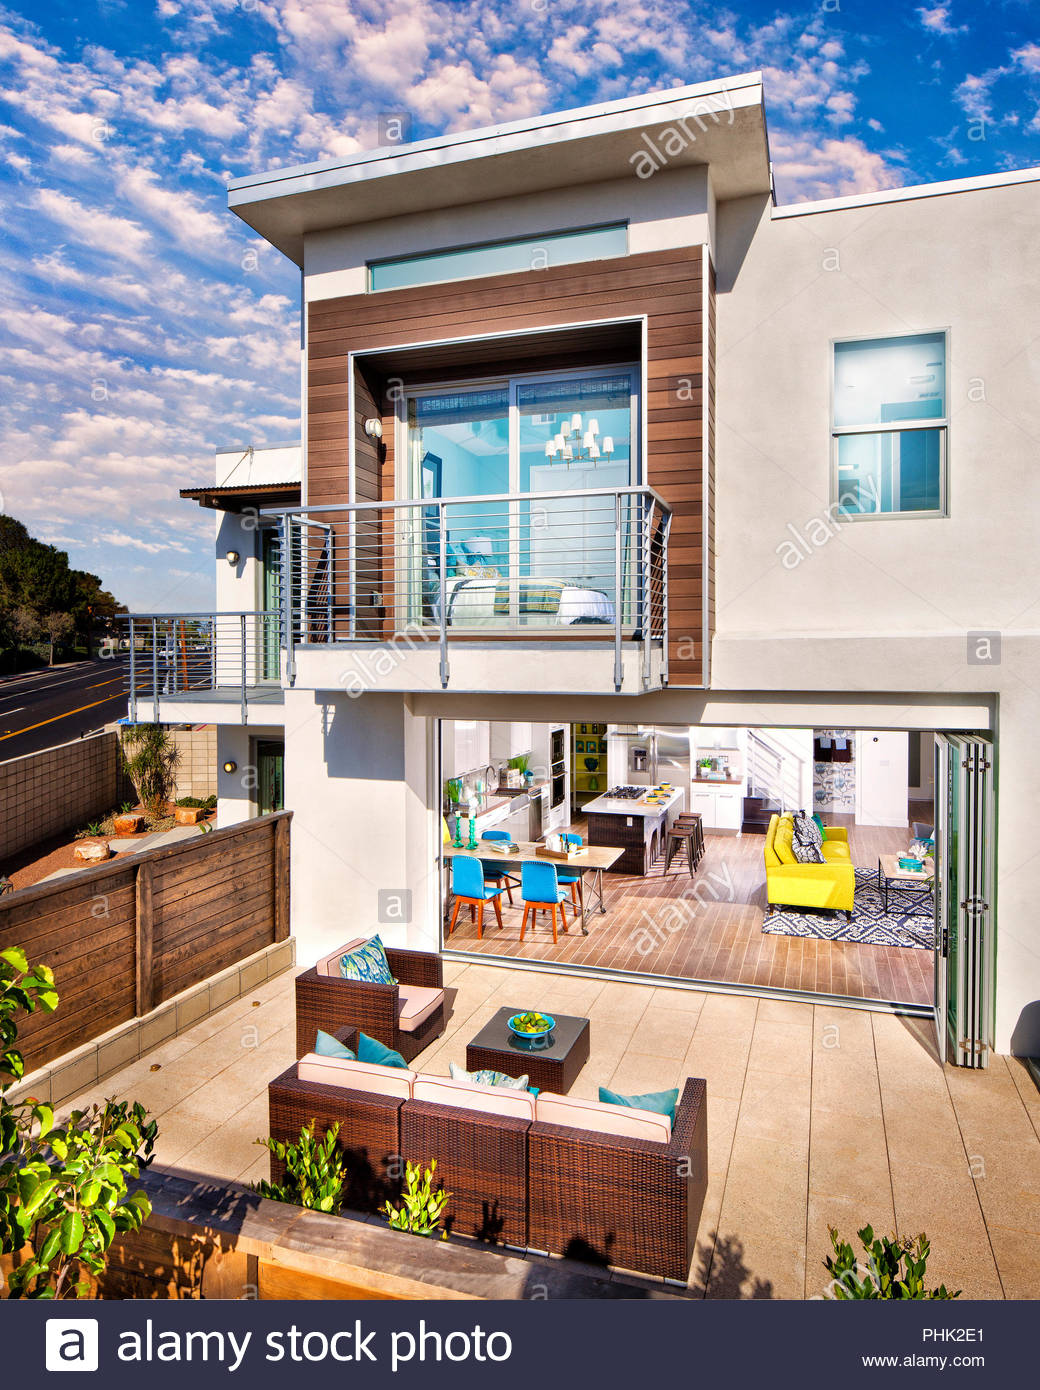 Maison et patio Photo Stock